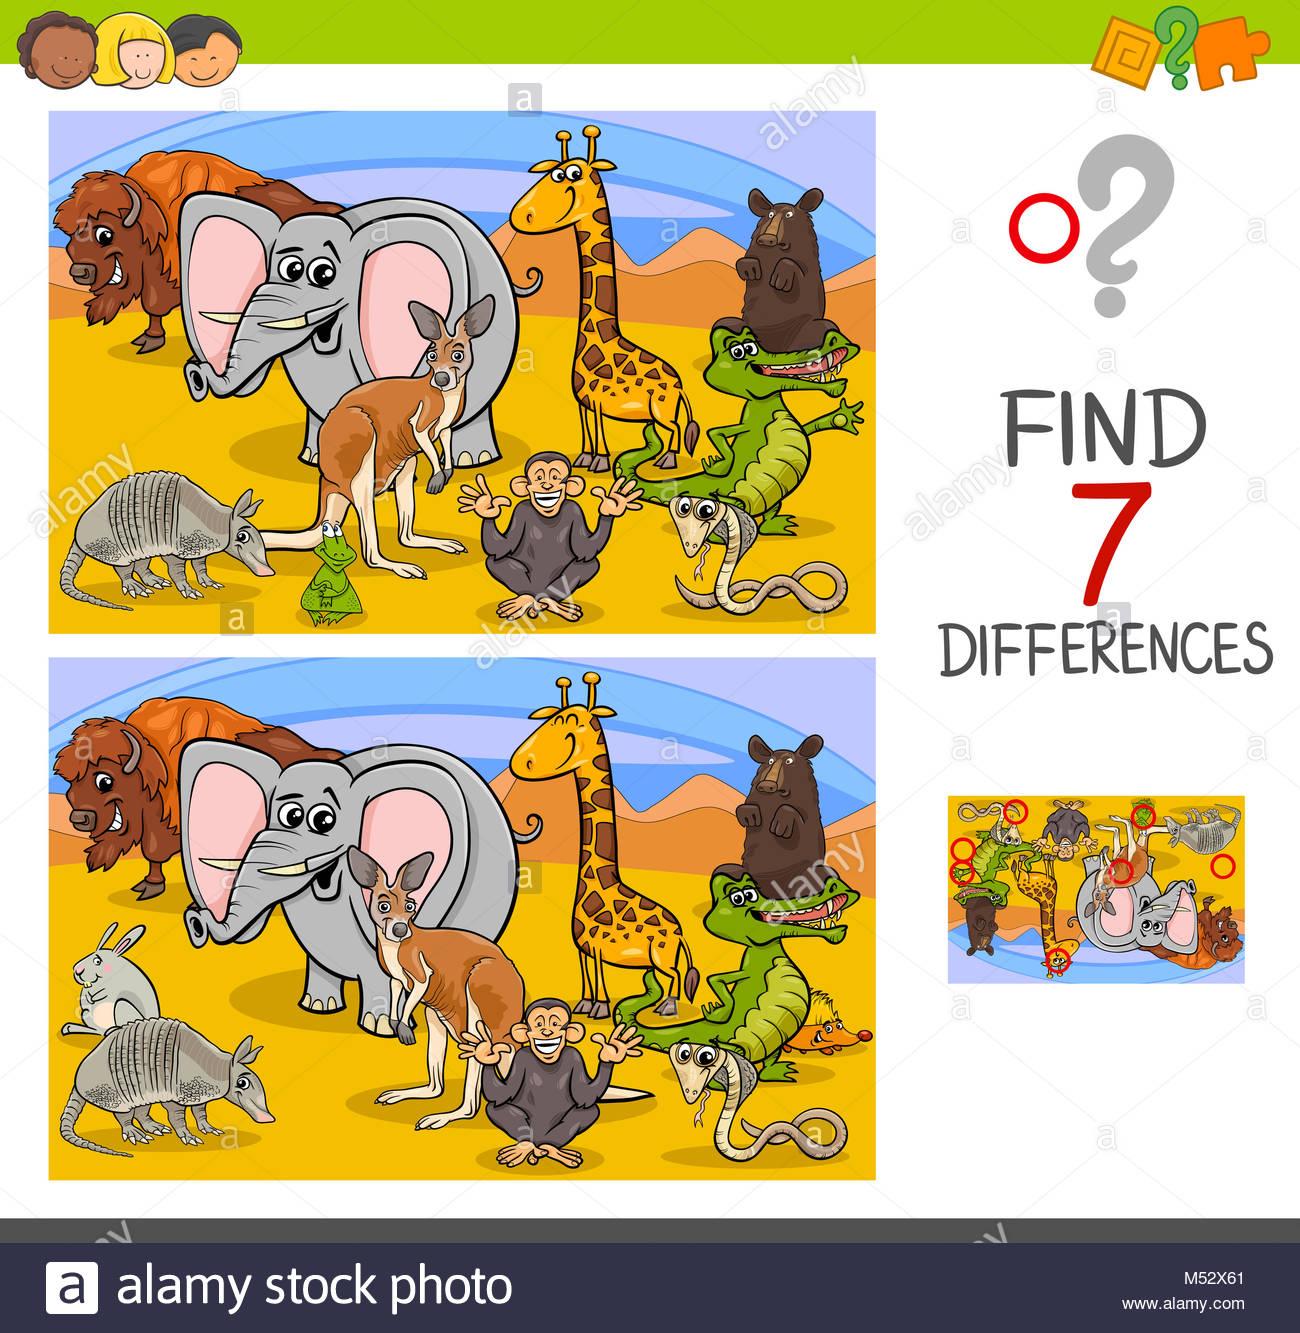 Vous Pouvez Chercher Jeu Des Différences Avec Les Animaux destiné Chercher Les Differences